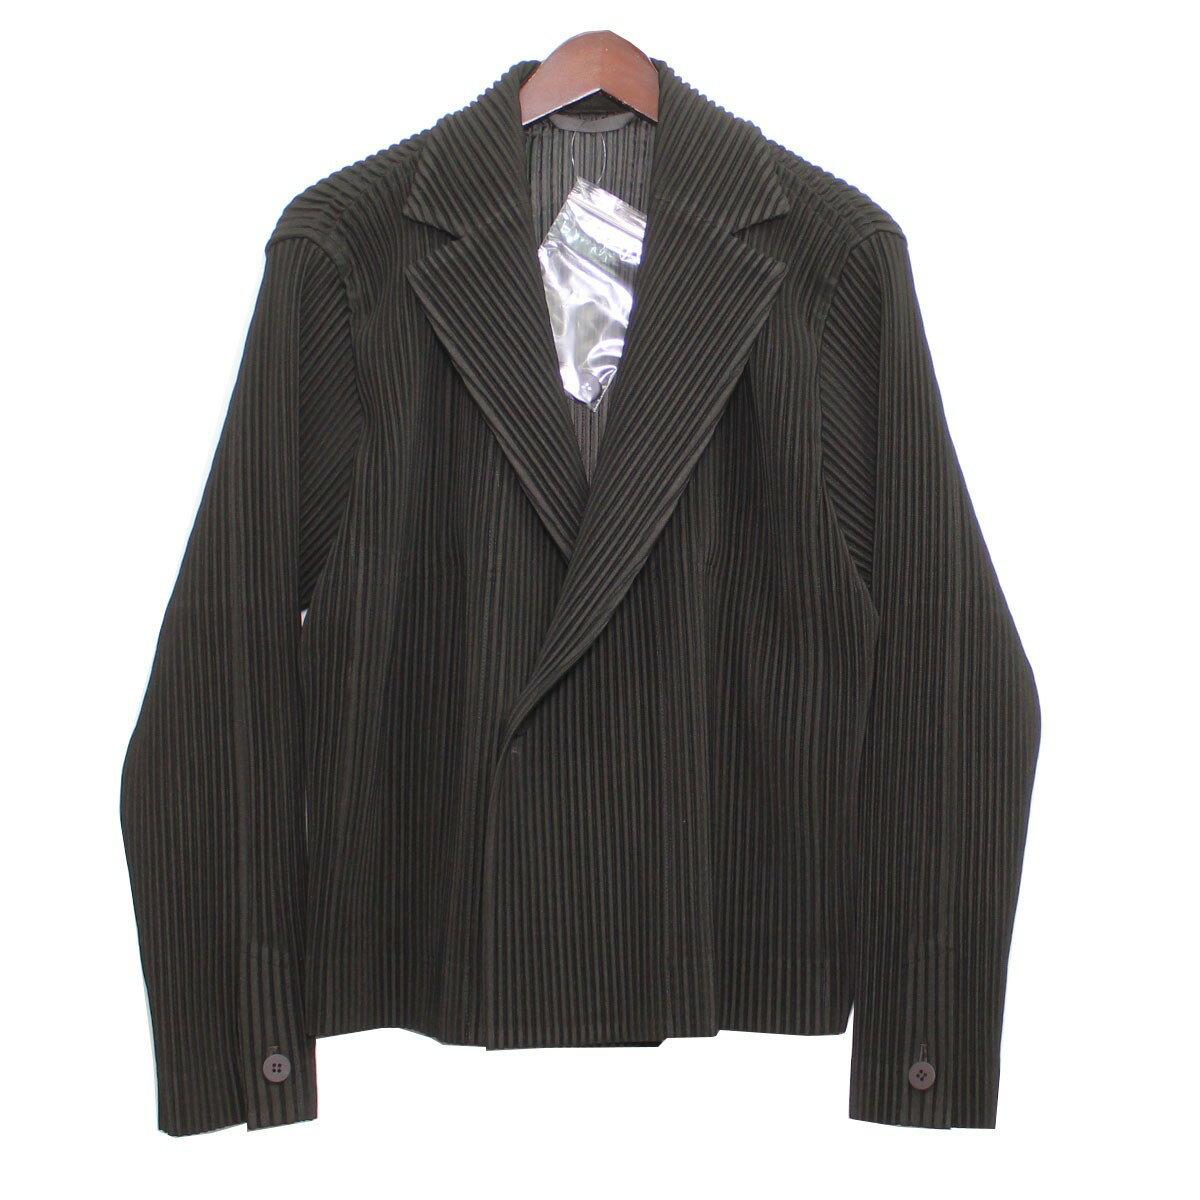 メンズファッション, コート・ジャケット HOMME PLISSE ISSEY MIYAKE 20AW 1 151120